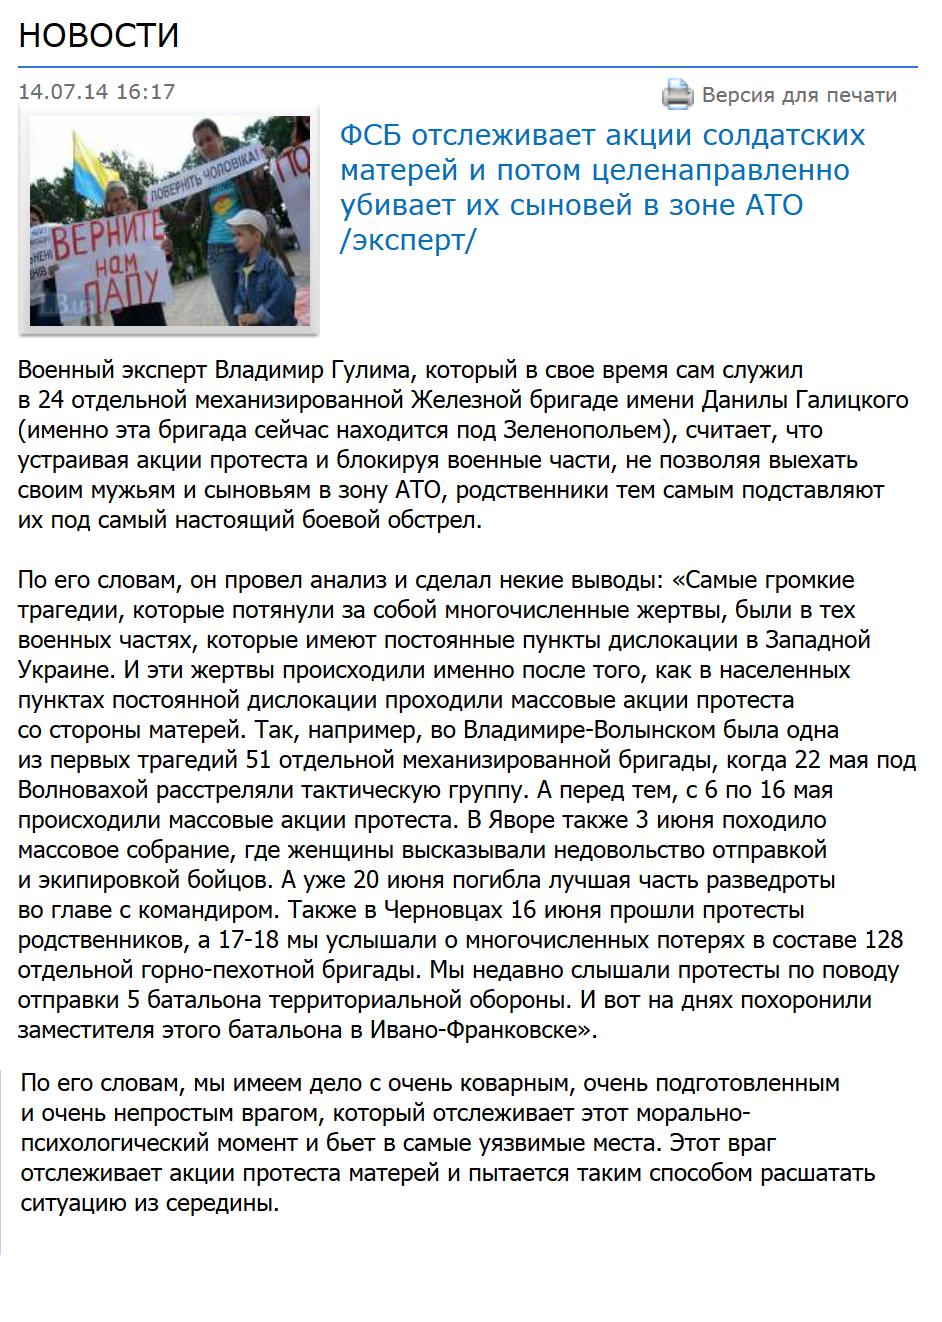 Украина после Евромайдана (часть 43) - Версия для печати - Конференция  iXBT.com 567de330d30ab